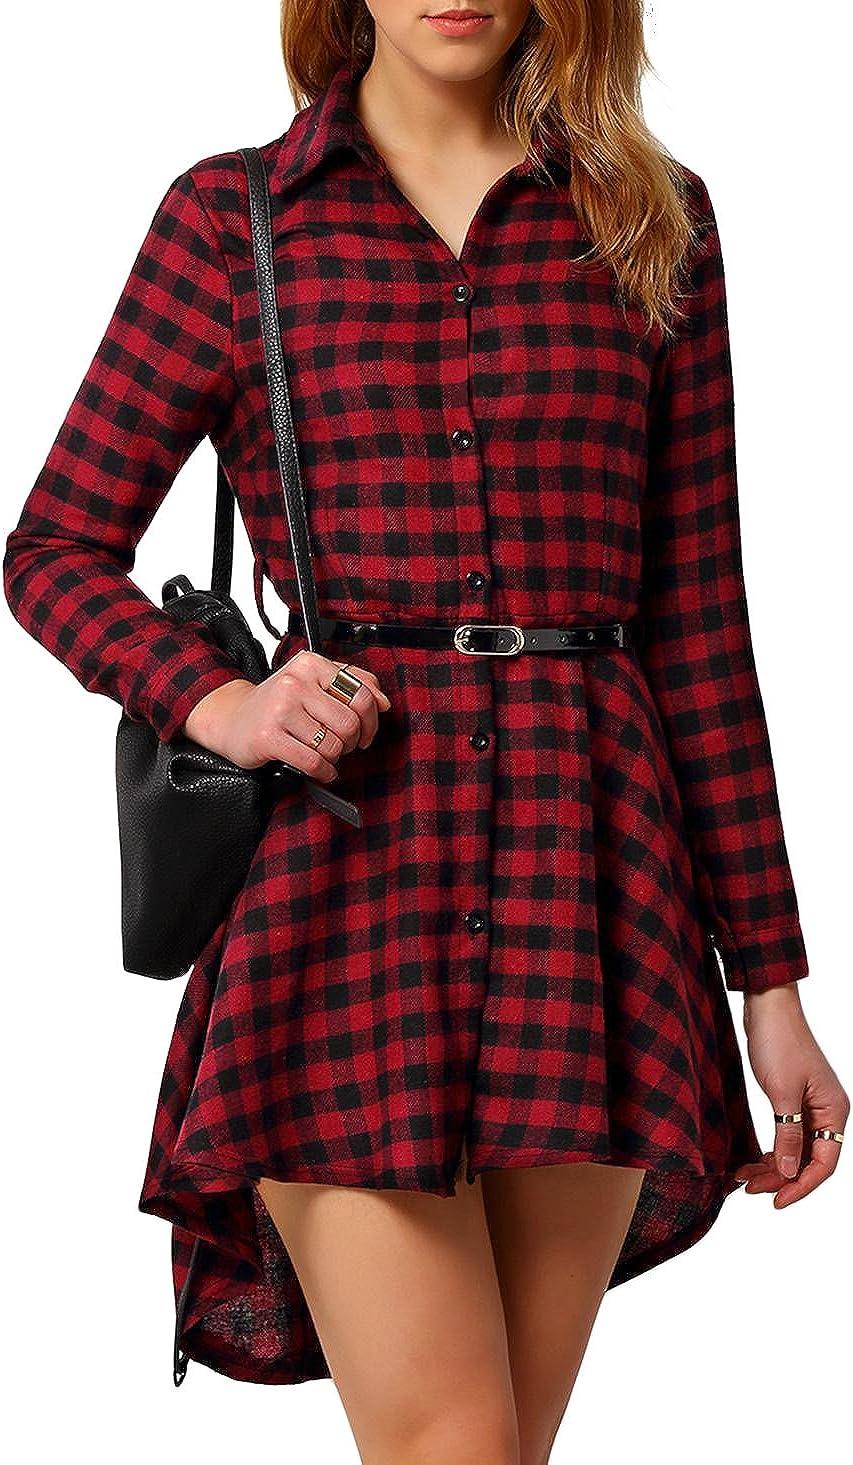 Vestido de Camisa roja Negro de Manga Larga a Cuadros de la Mujer: Amazon.es: Ropa y accesorios